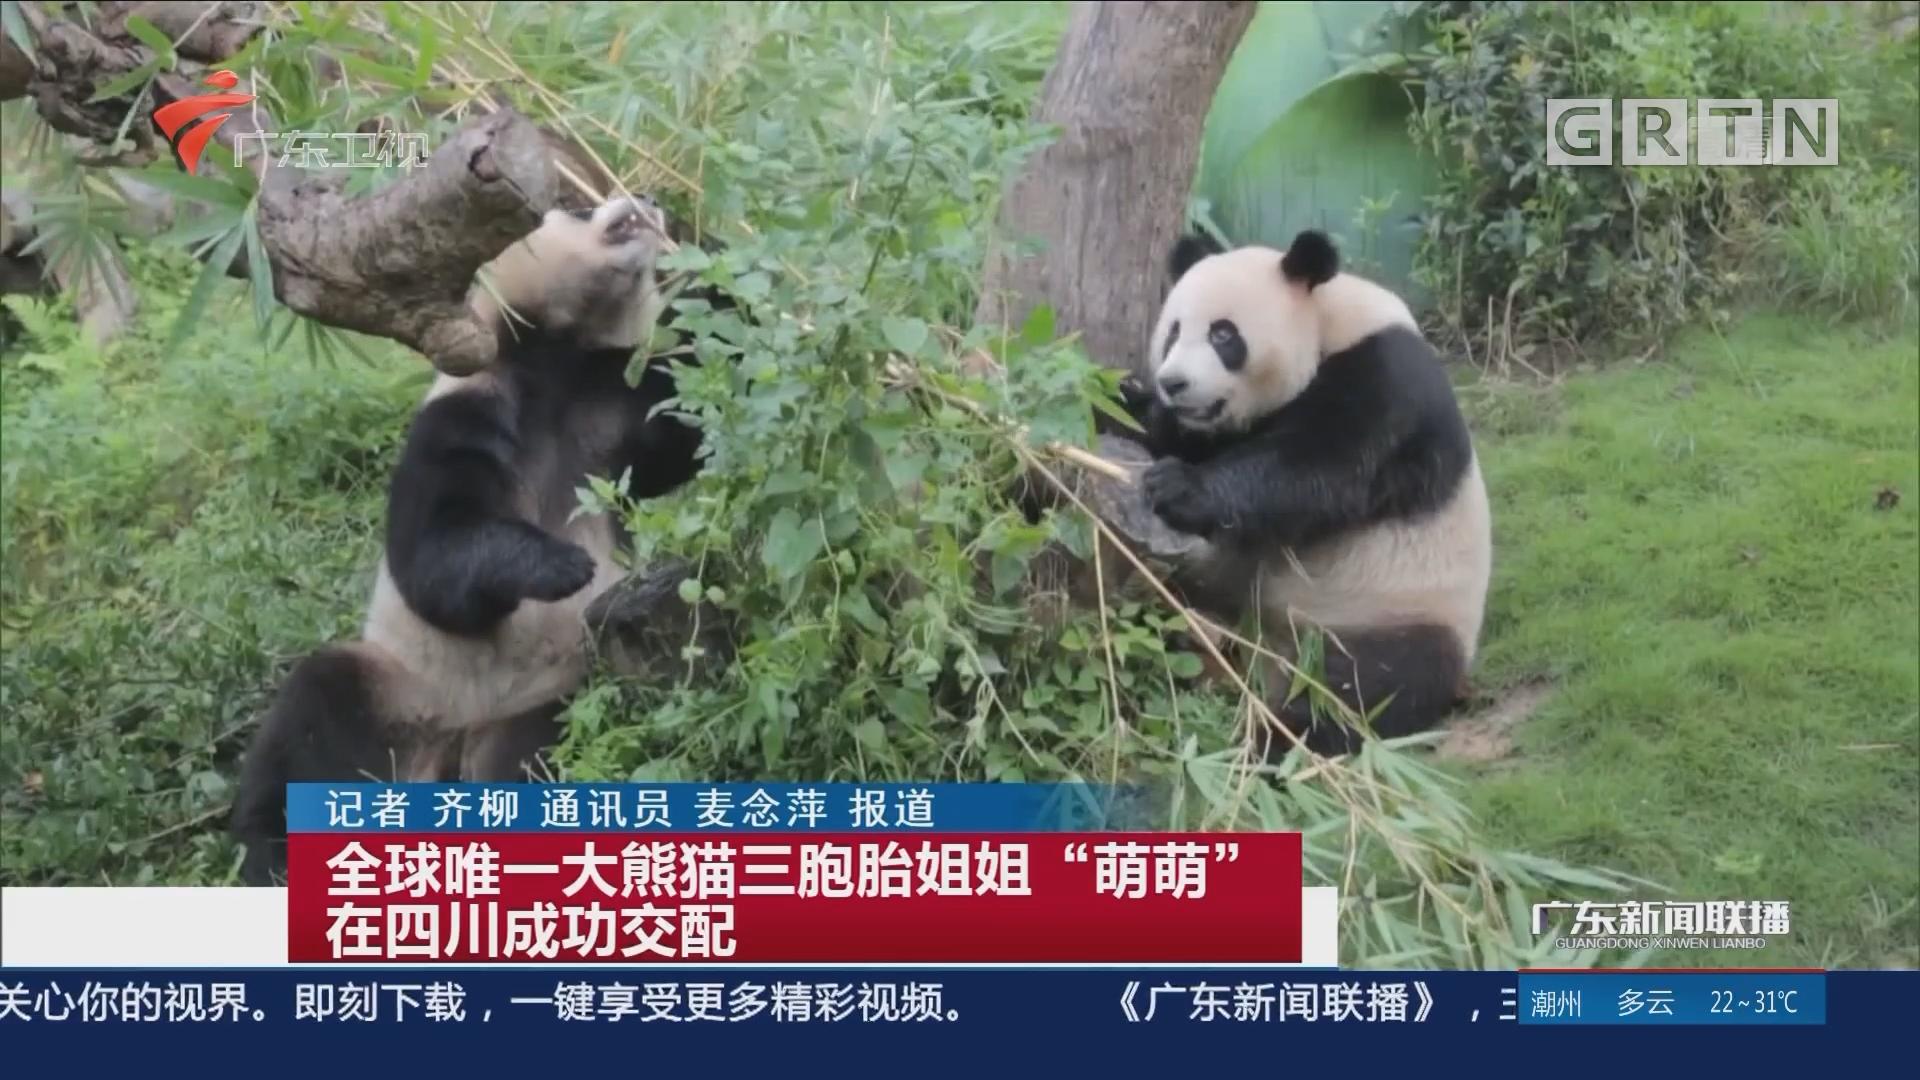 """全球唯一大熊貓三胞胎姐姐""""萌萌""""在四川成功交配"""